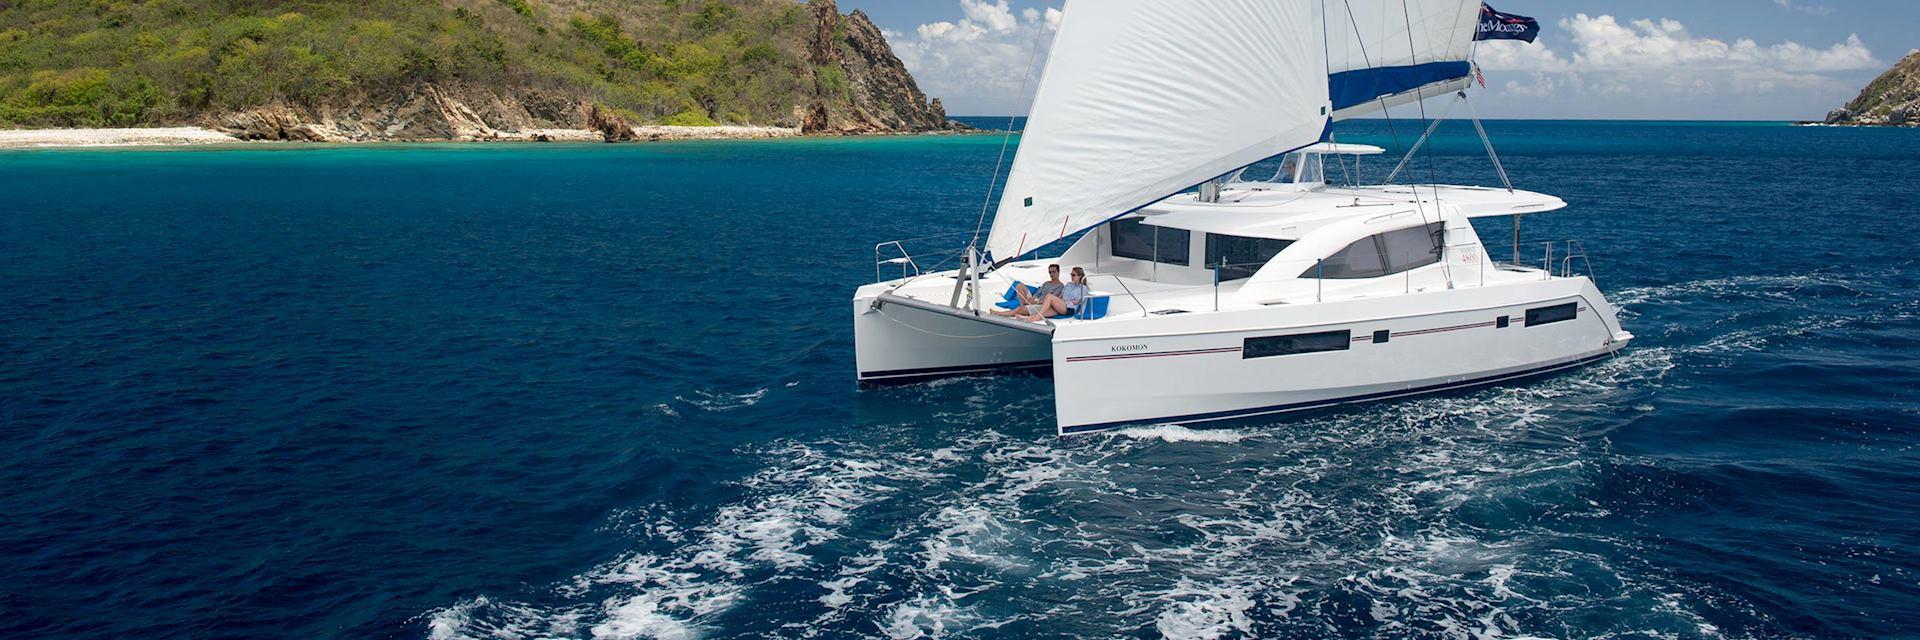 The Moorings 4800 Sail Catamaran, British Virgin Islands